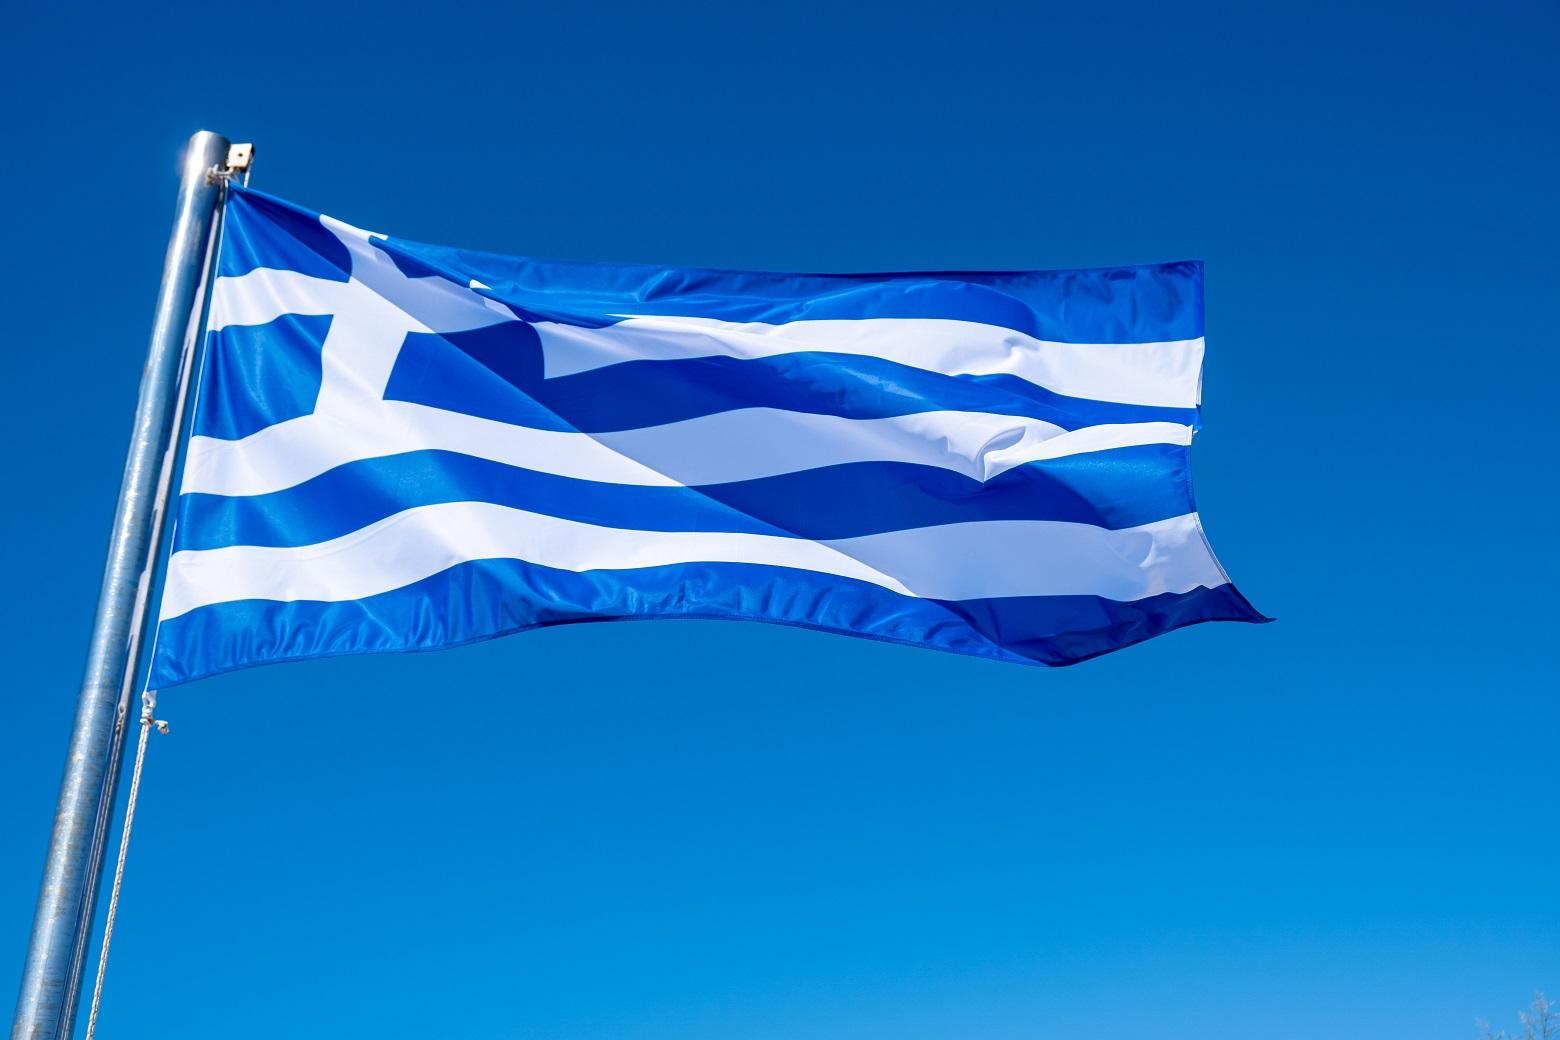 greek flag waving against blue sky background 3Z6U7V3 #новости авиасообщение, Греция, Грузия-Греция